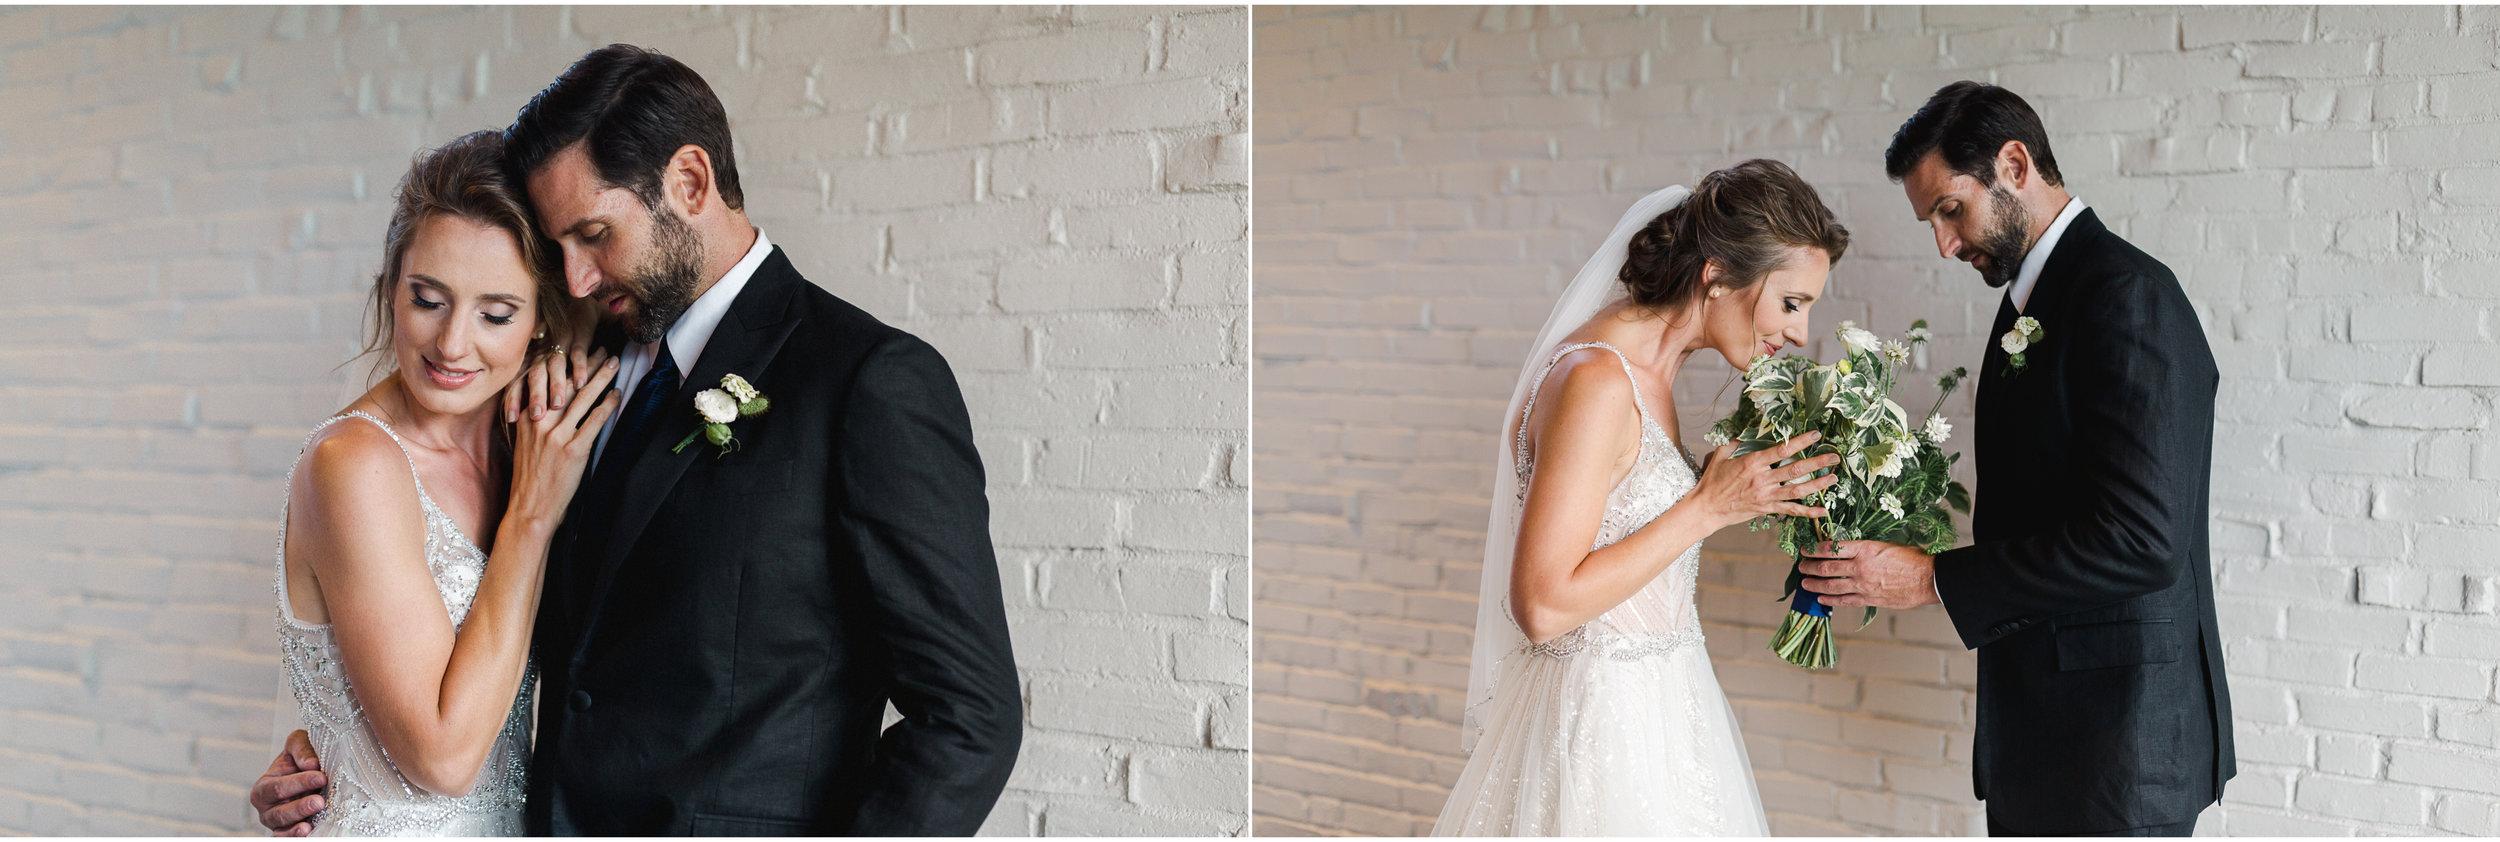 Elegant Wedding Shoot in Sharon, Massachusetts 32.jpg